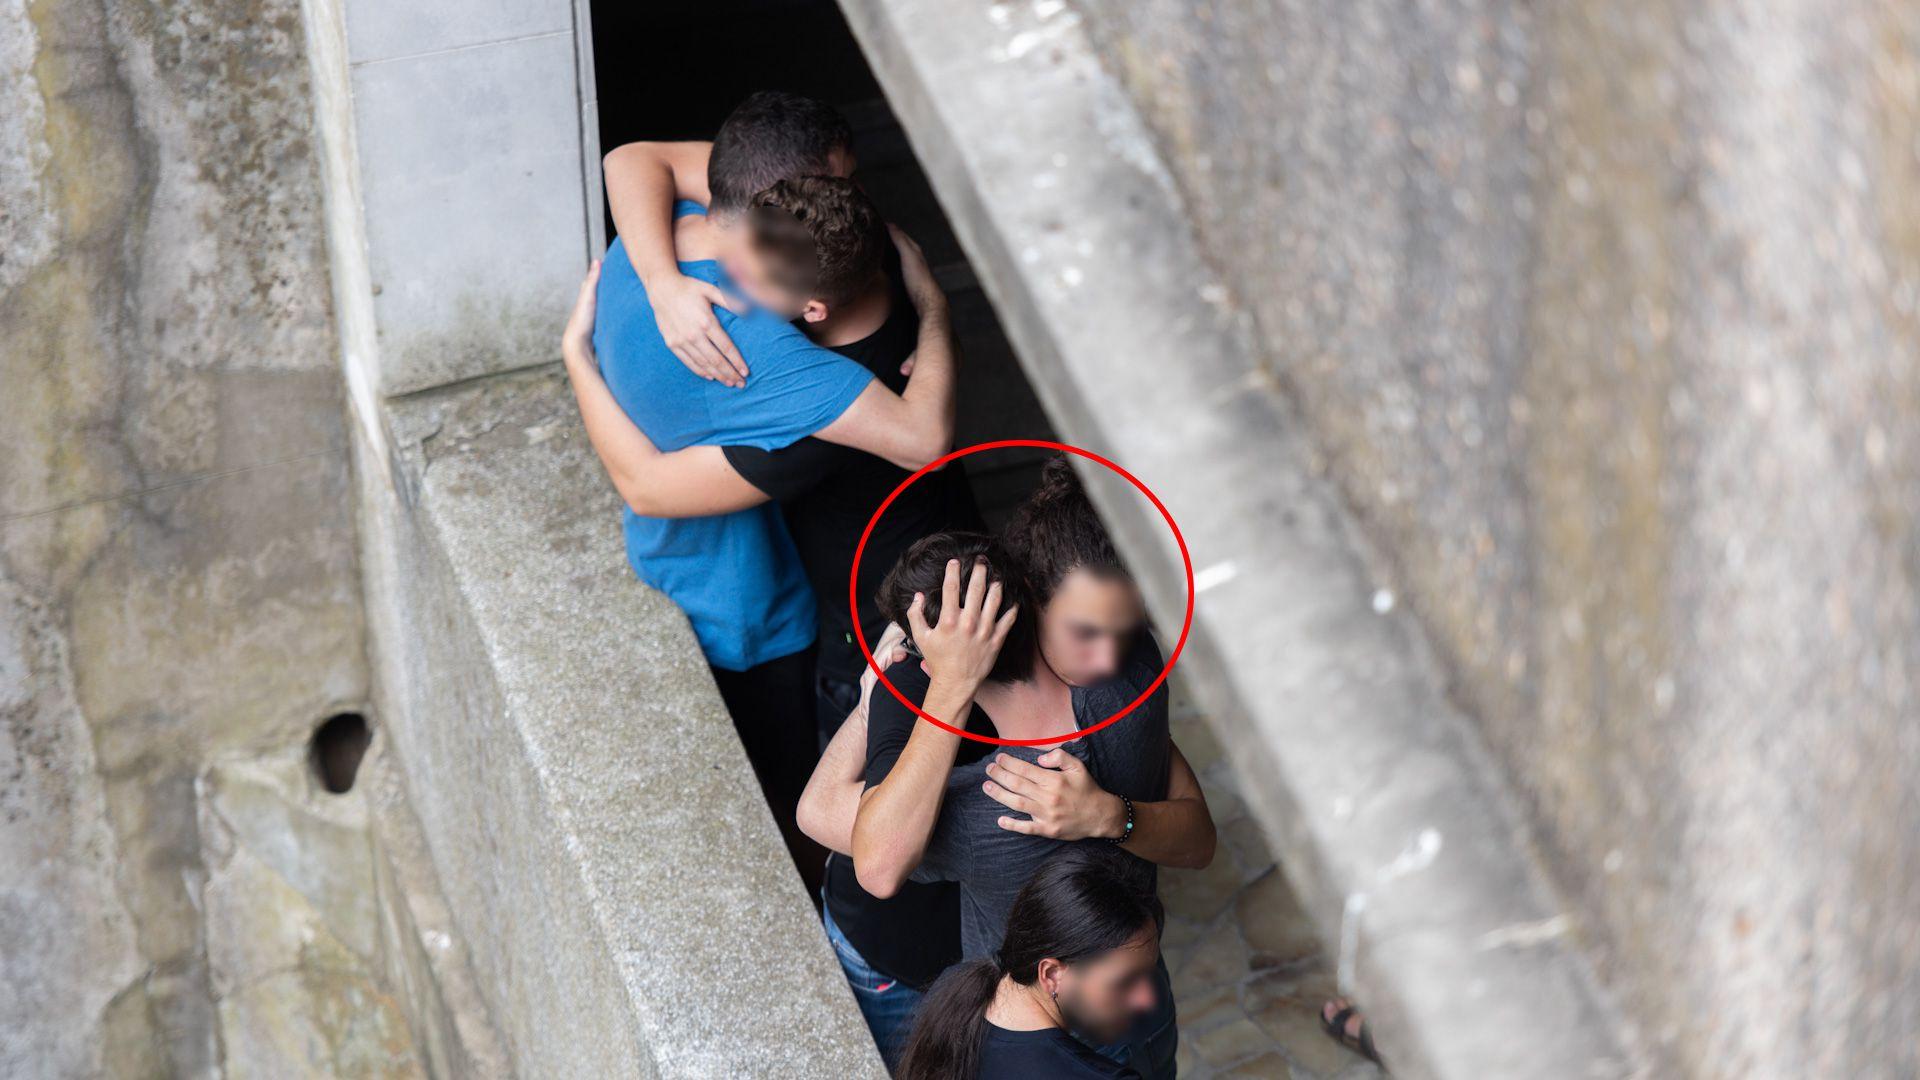 El joven de espaldas, dentro del círculo es T.D. el amigo de Fernando Báez que intentó defender a la víctima y también recibió una paliza entre dos autos por parte de los rugbiers